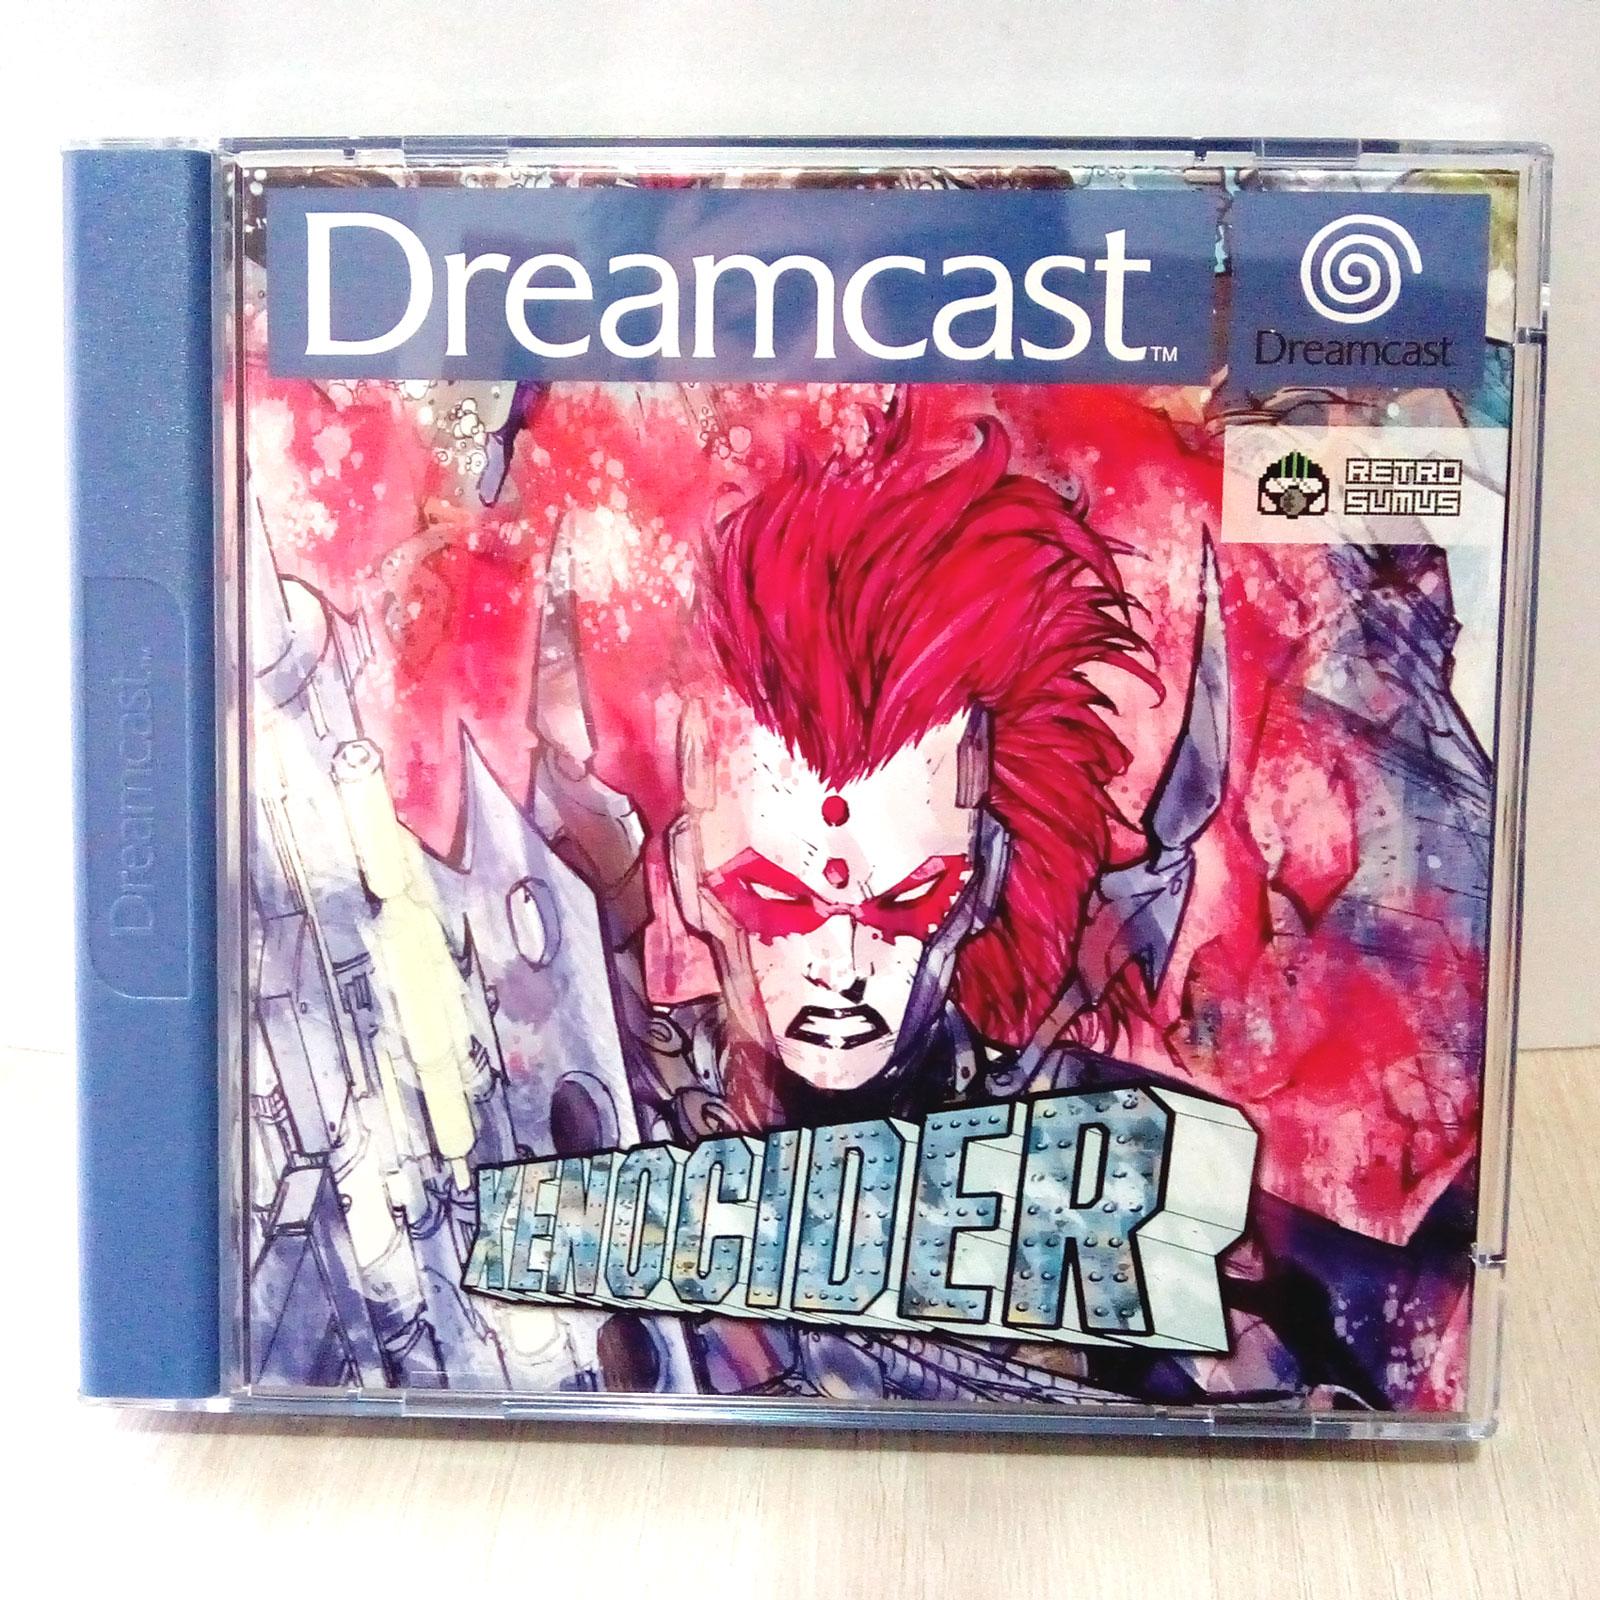 retrosumus.com/wp-content/uploads/2016/09/xenocider-dreamcast-pal-edition-front.jpg